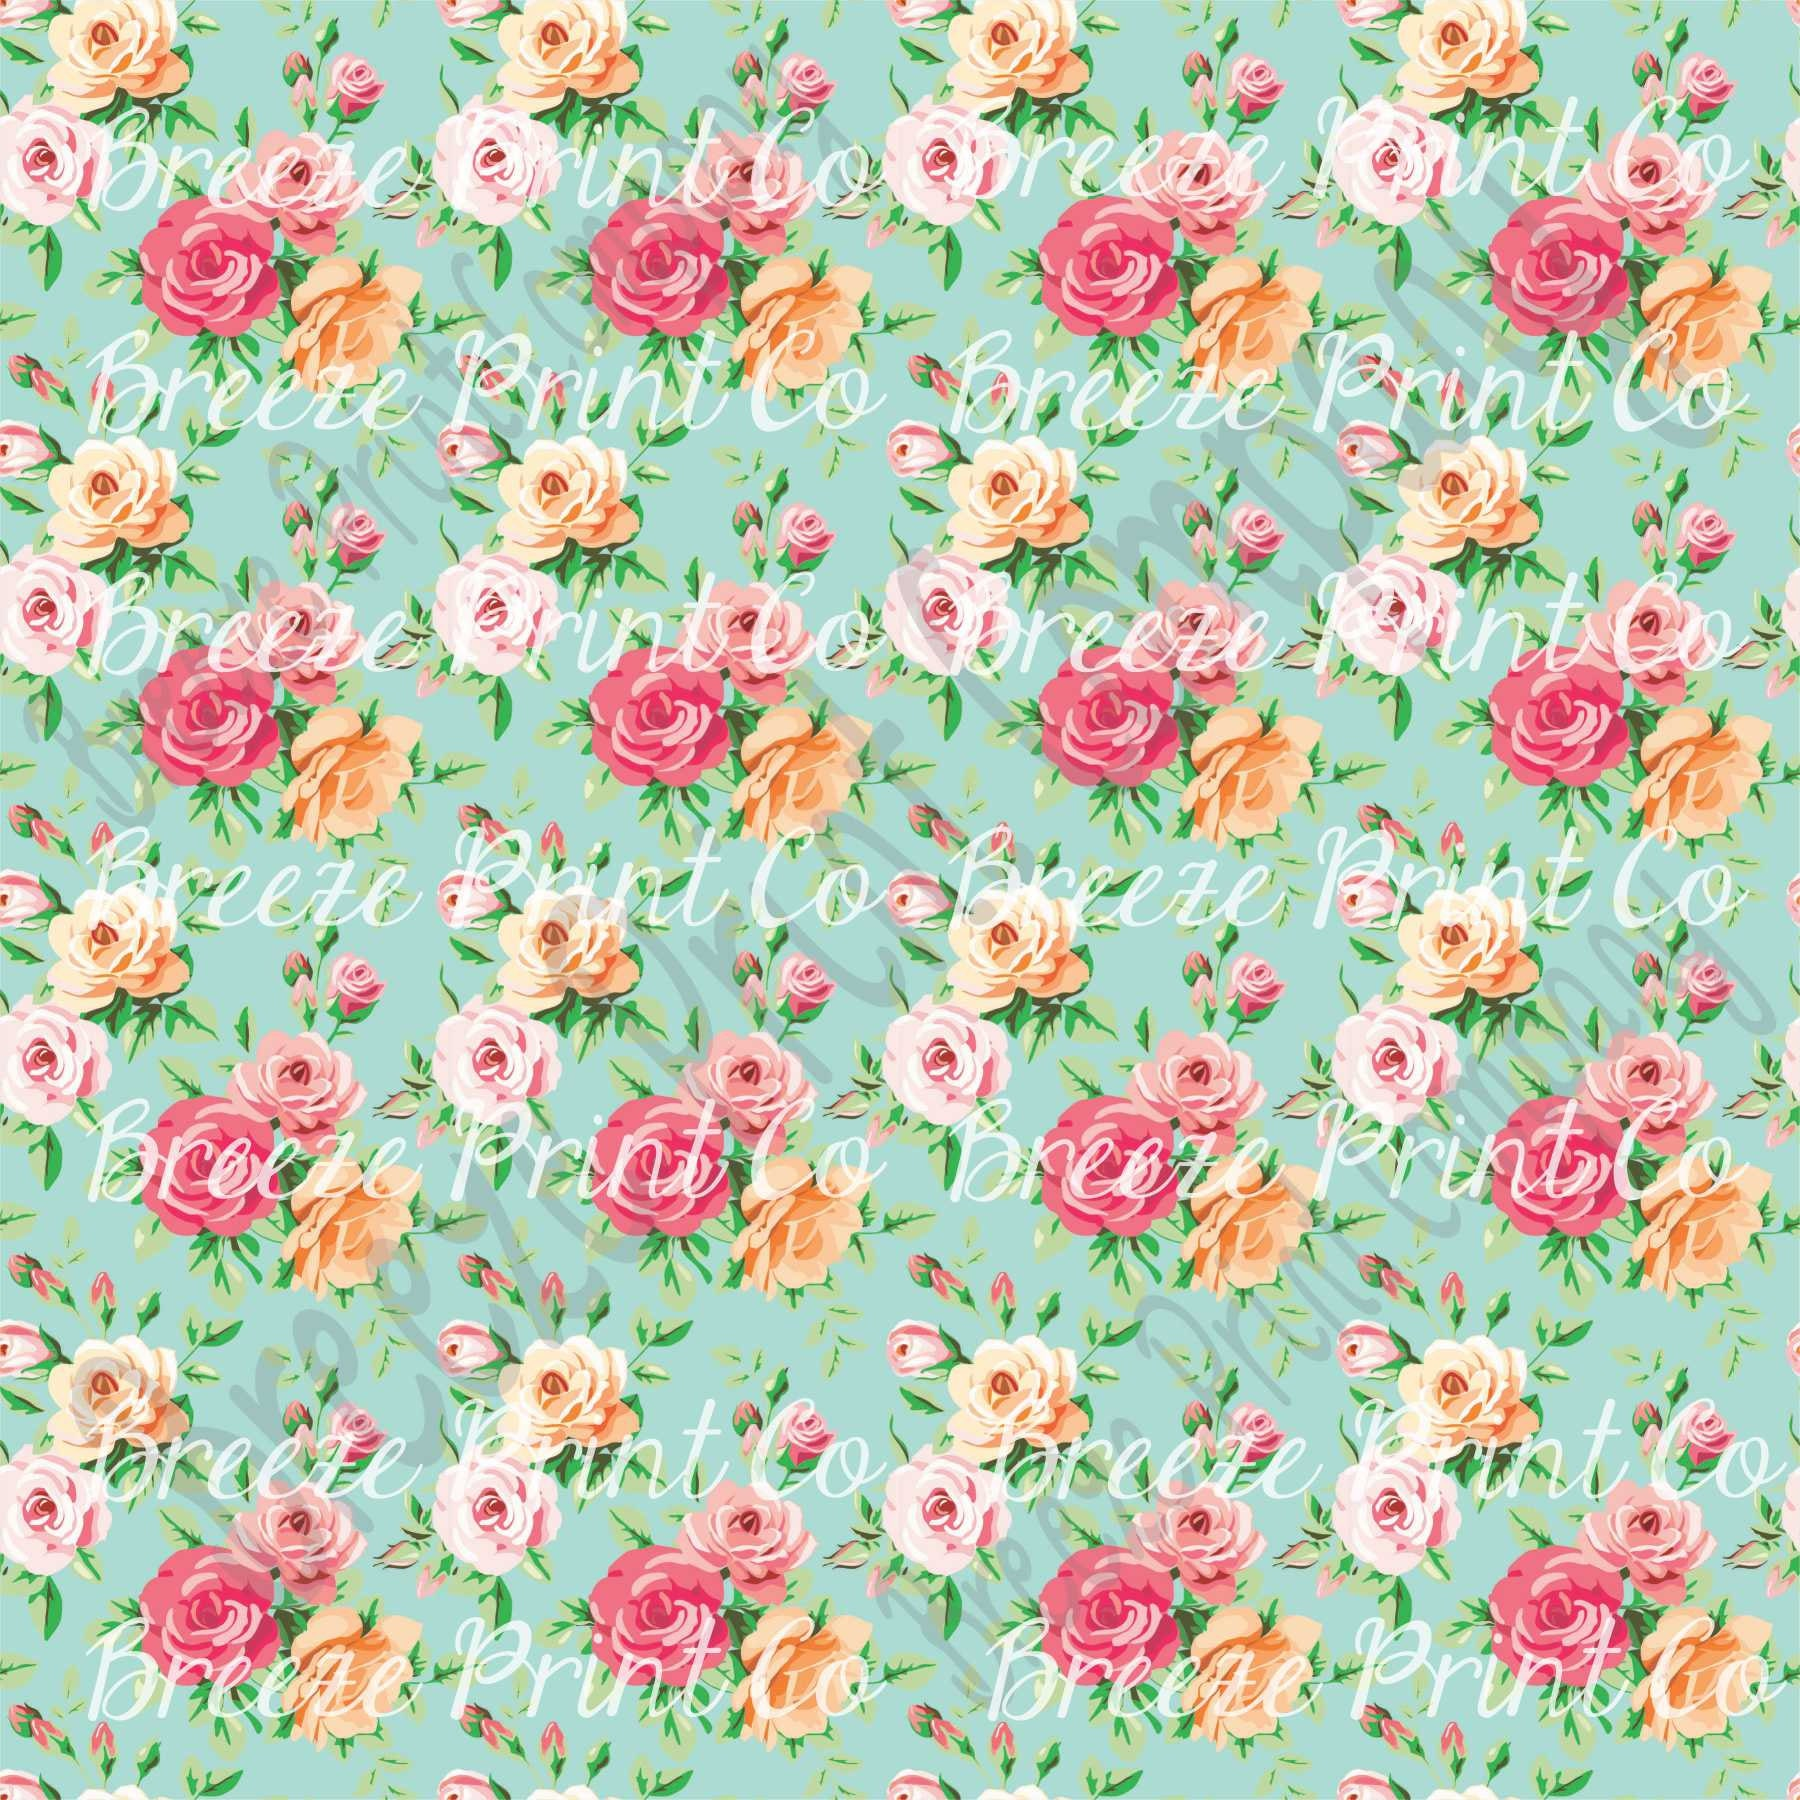 Patterned Vinyl Sheets Rose Floral Craft Vinyl Sheet Htv Or Etsy